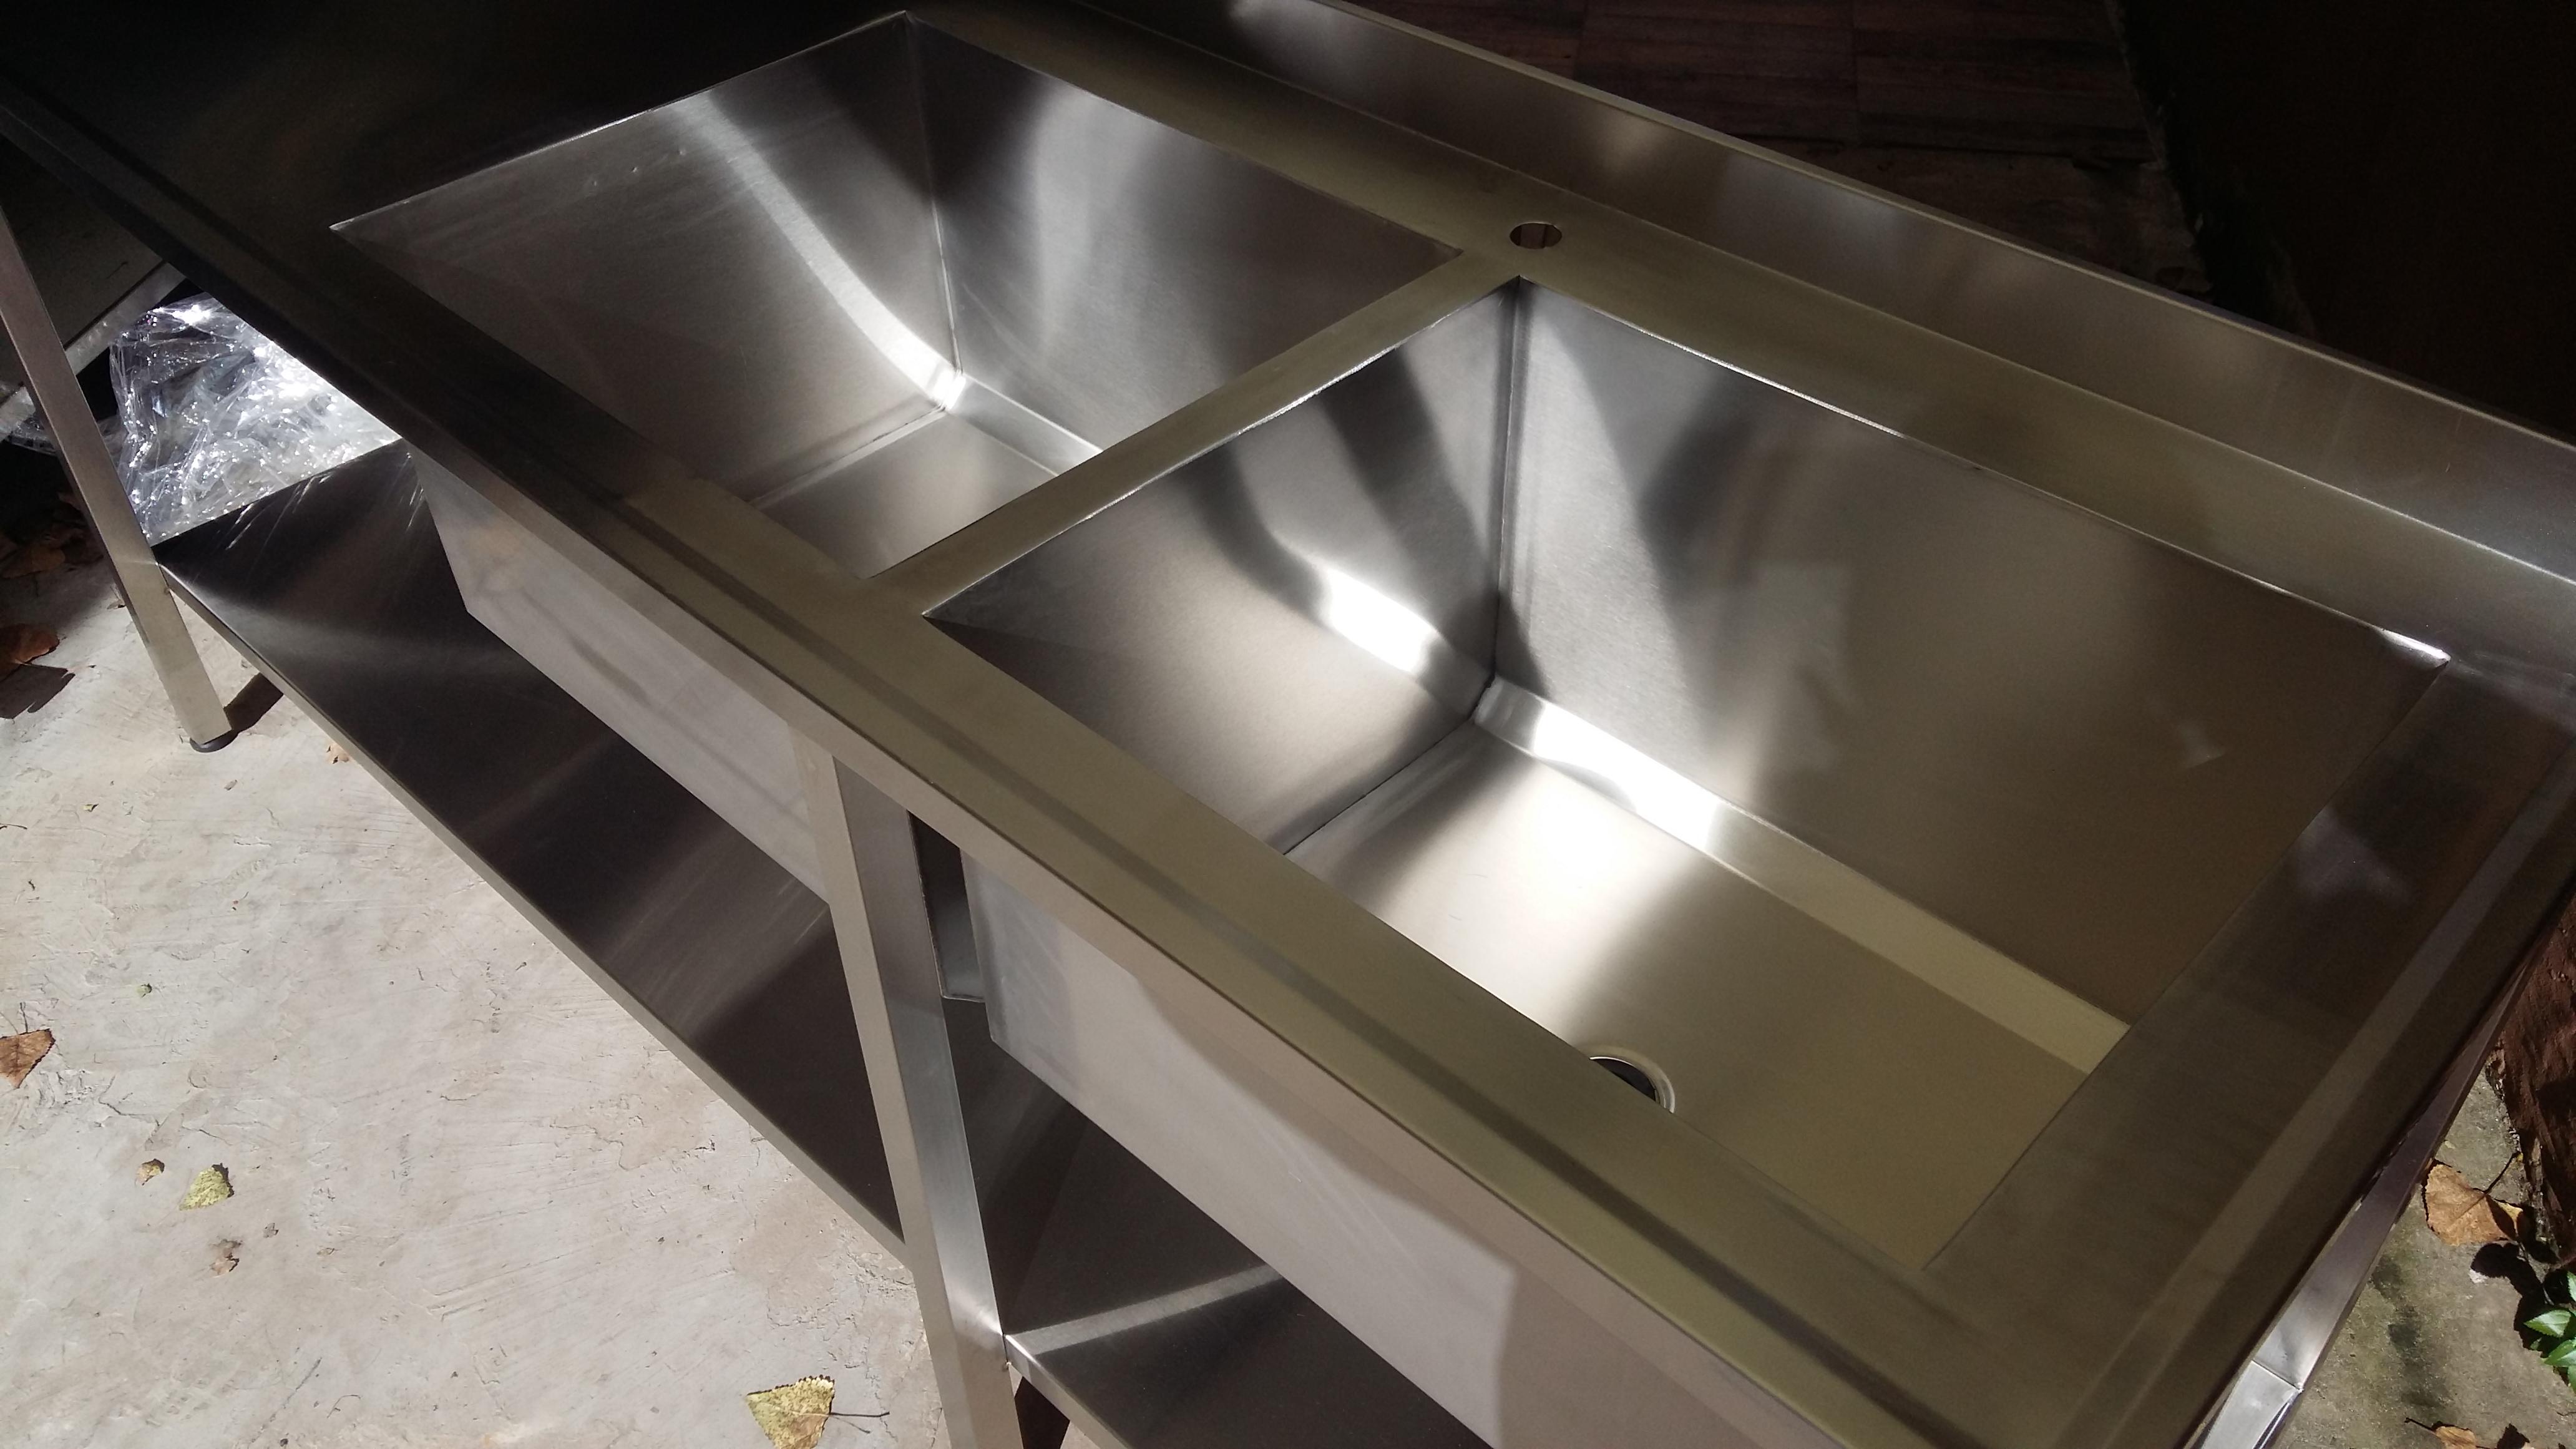 Fabrica de mesas y bachas industriales para gastronomía dobles a medida con estante quirúrgico www.fabricainoxidable.com.ar